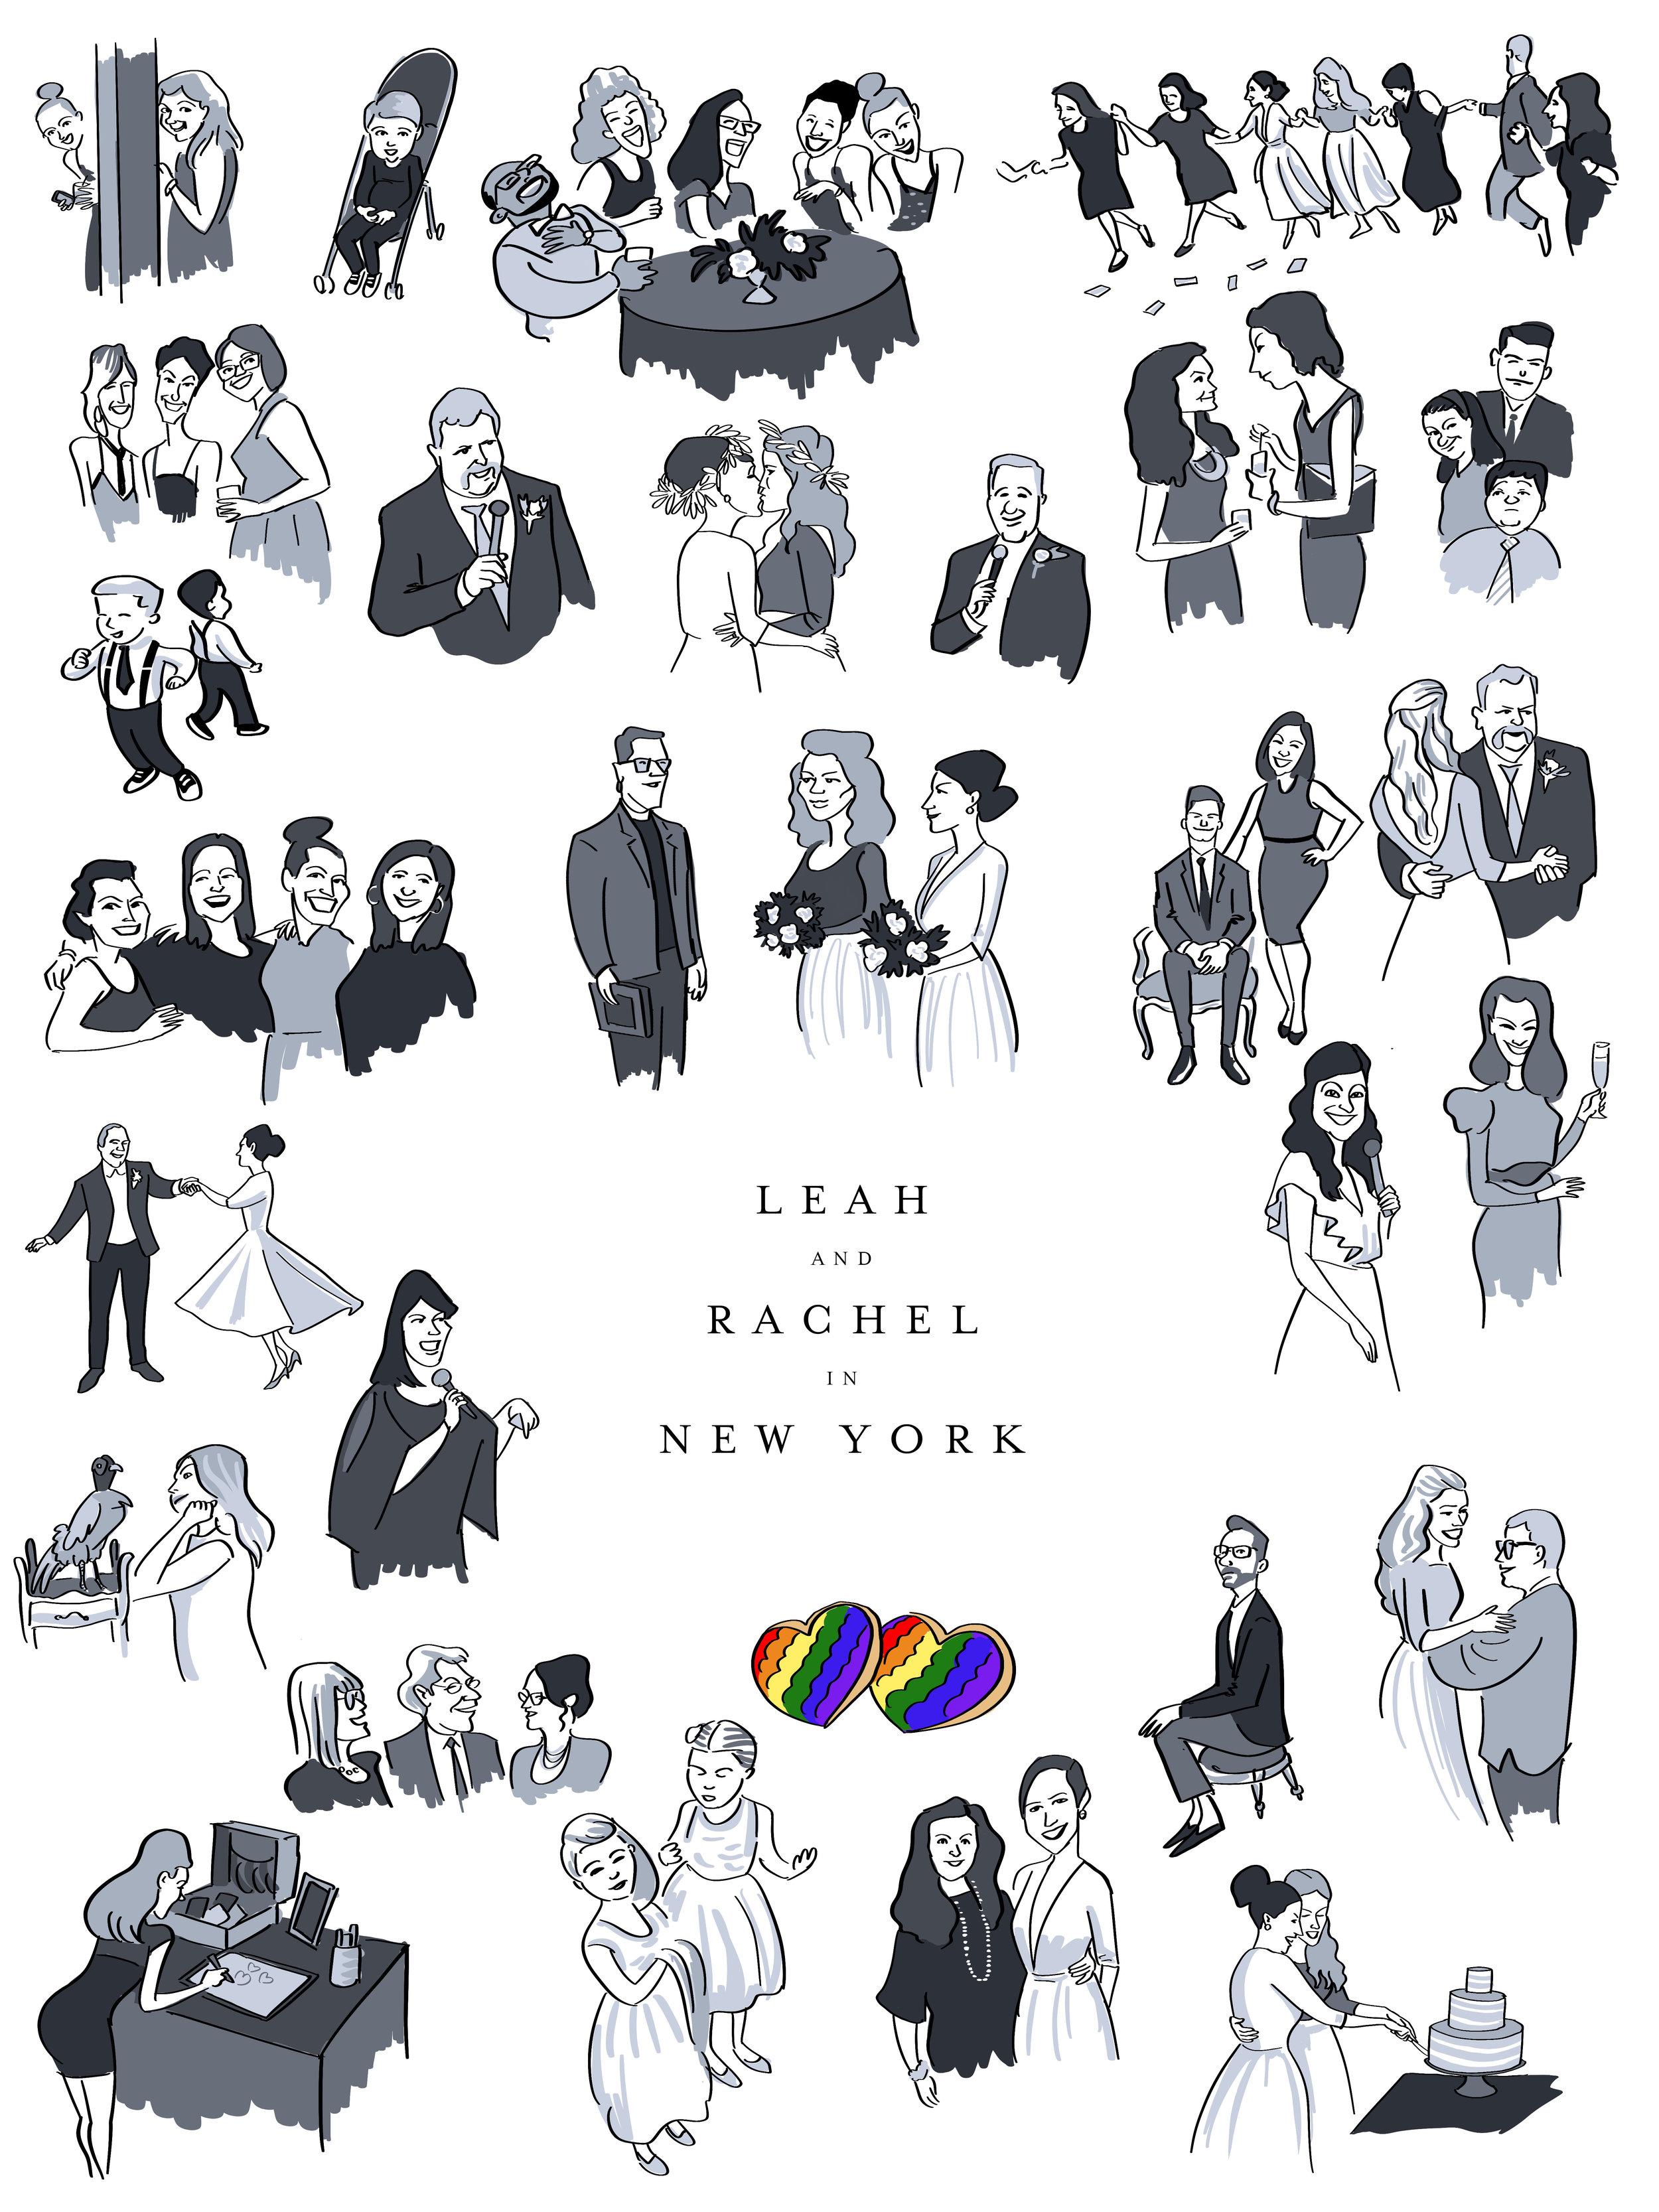 Leah and Rachel illustration 2.jpg